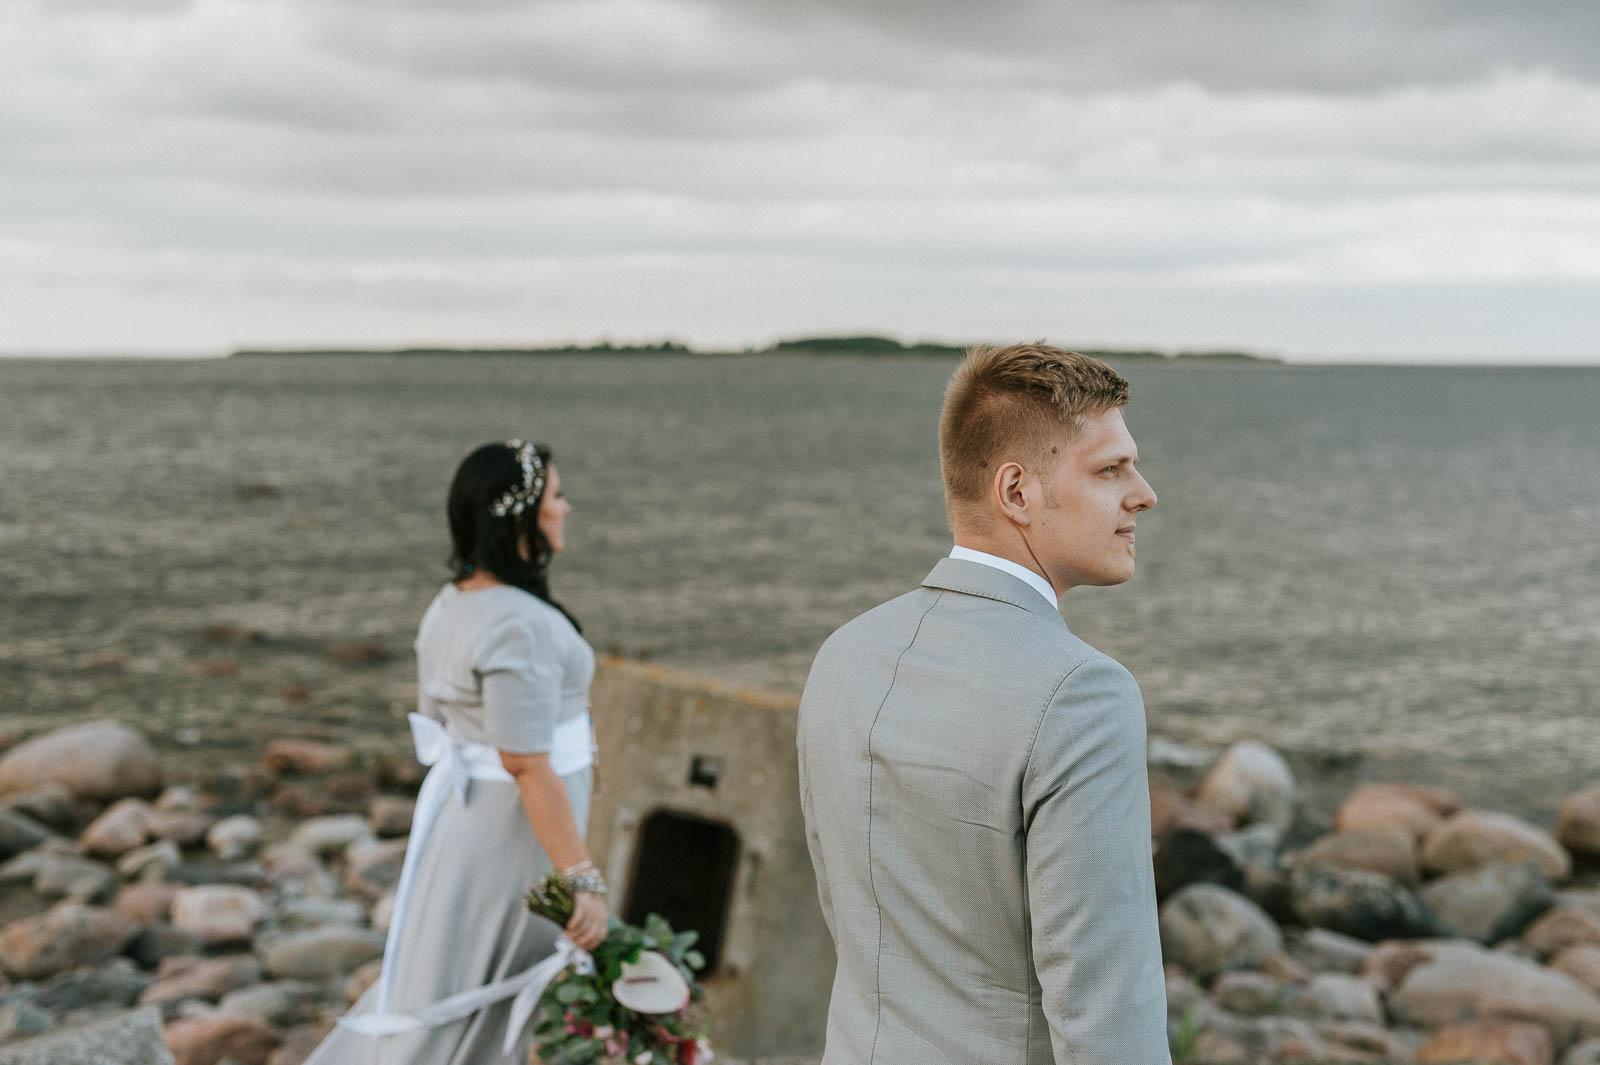 mari-liis-rannes-wedding-pulm-pulmafotograaf-mait-juriado-11